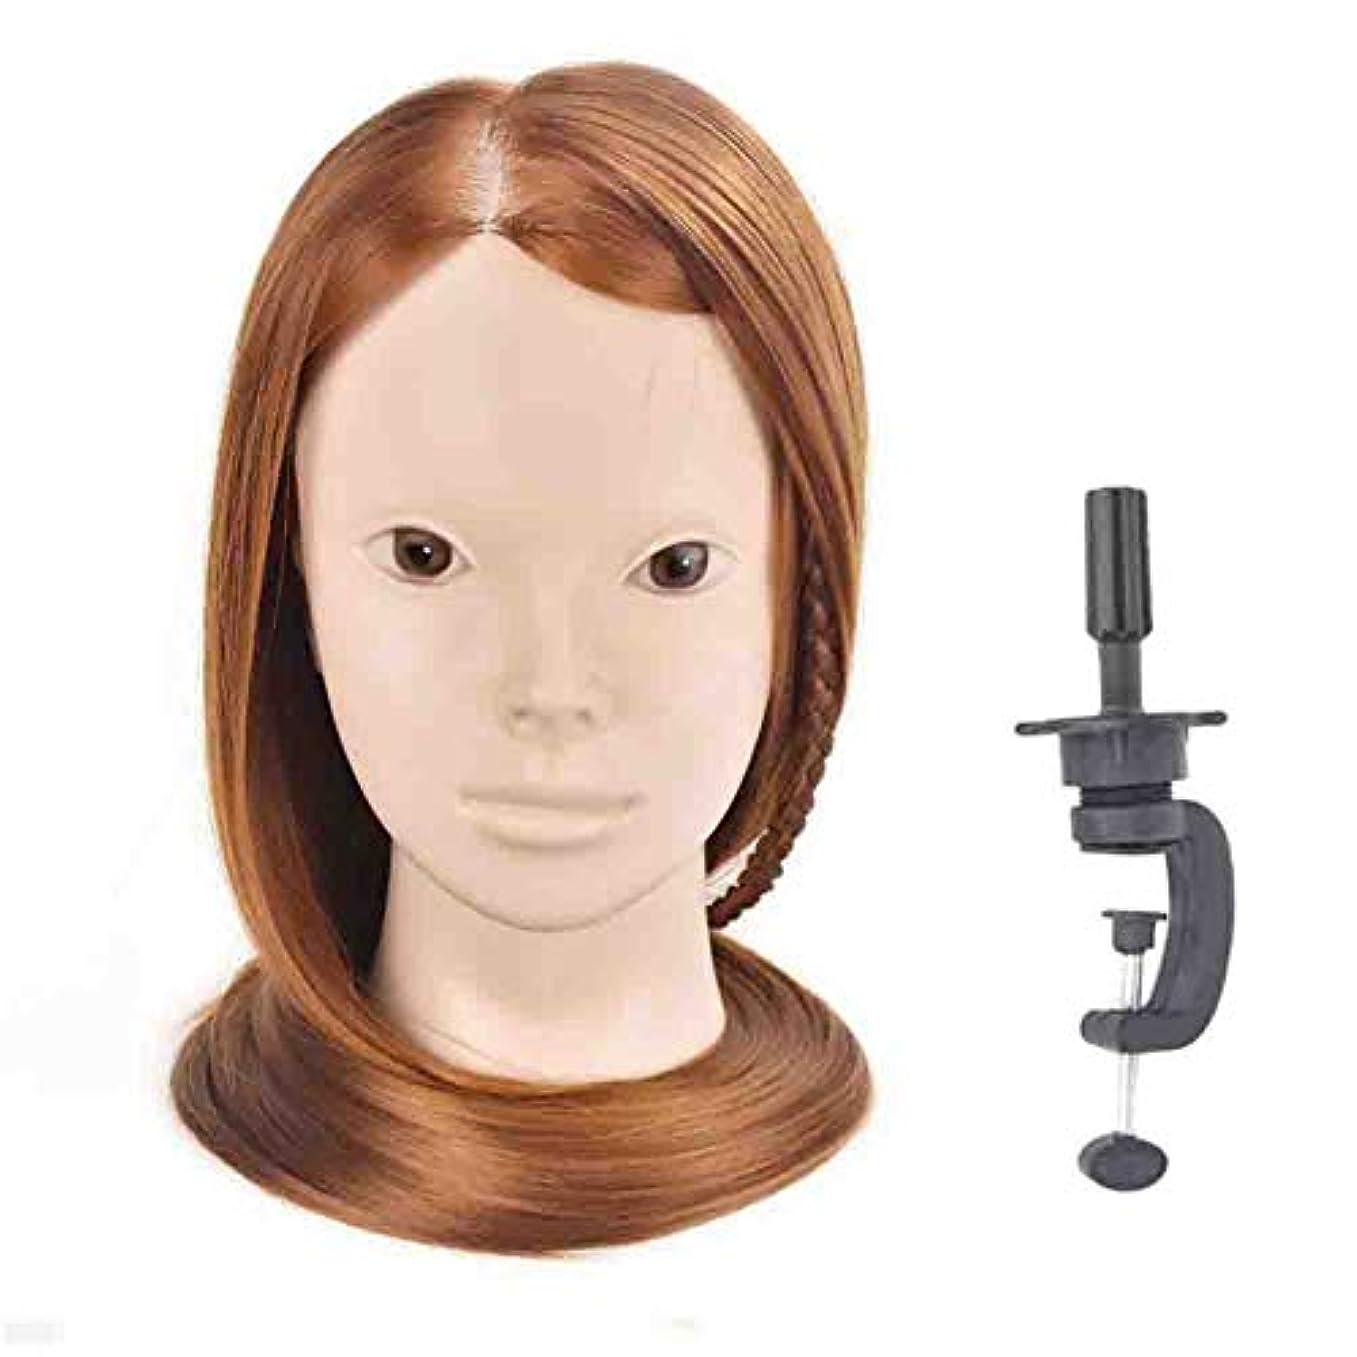 乗って公平クリアは、花嫁の髪編組ひも学習ヘッドモデル理髪モデルヘッド理髪サロン散髪ダミー練習ヘッド